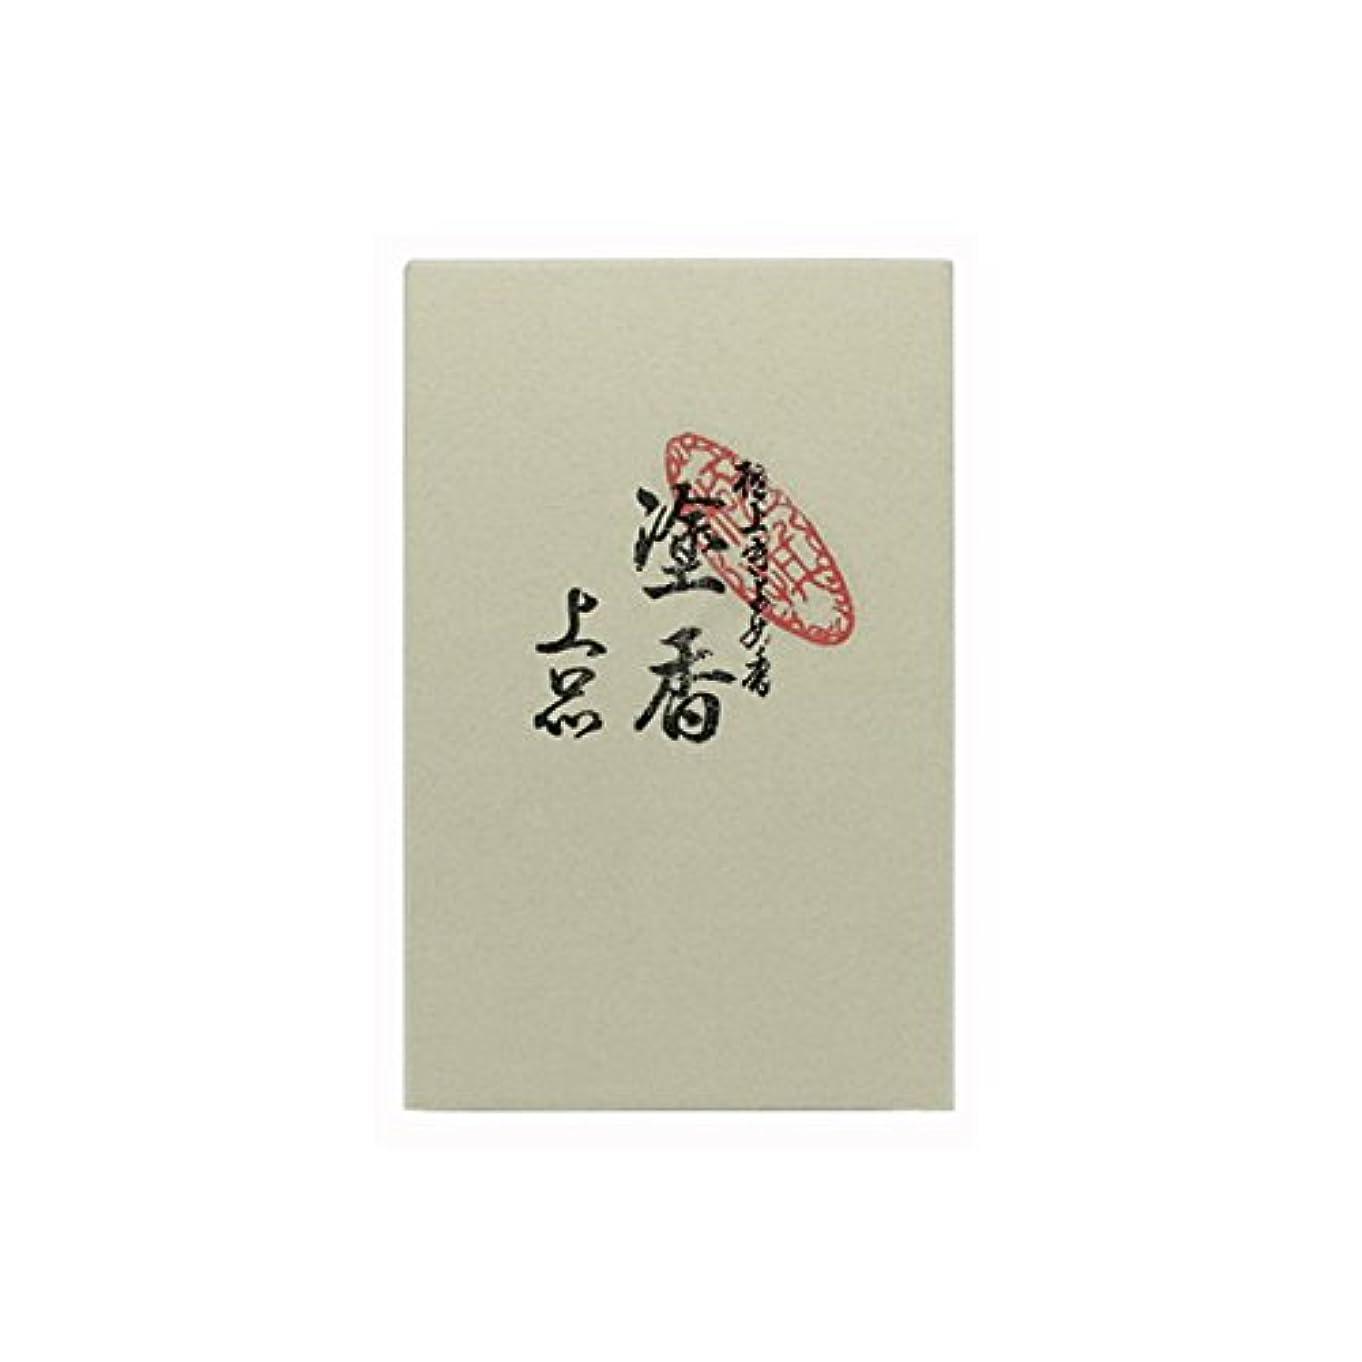 実り多いランチョン腐った塗香(上品) 20g入